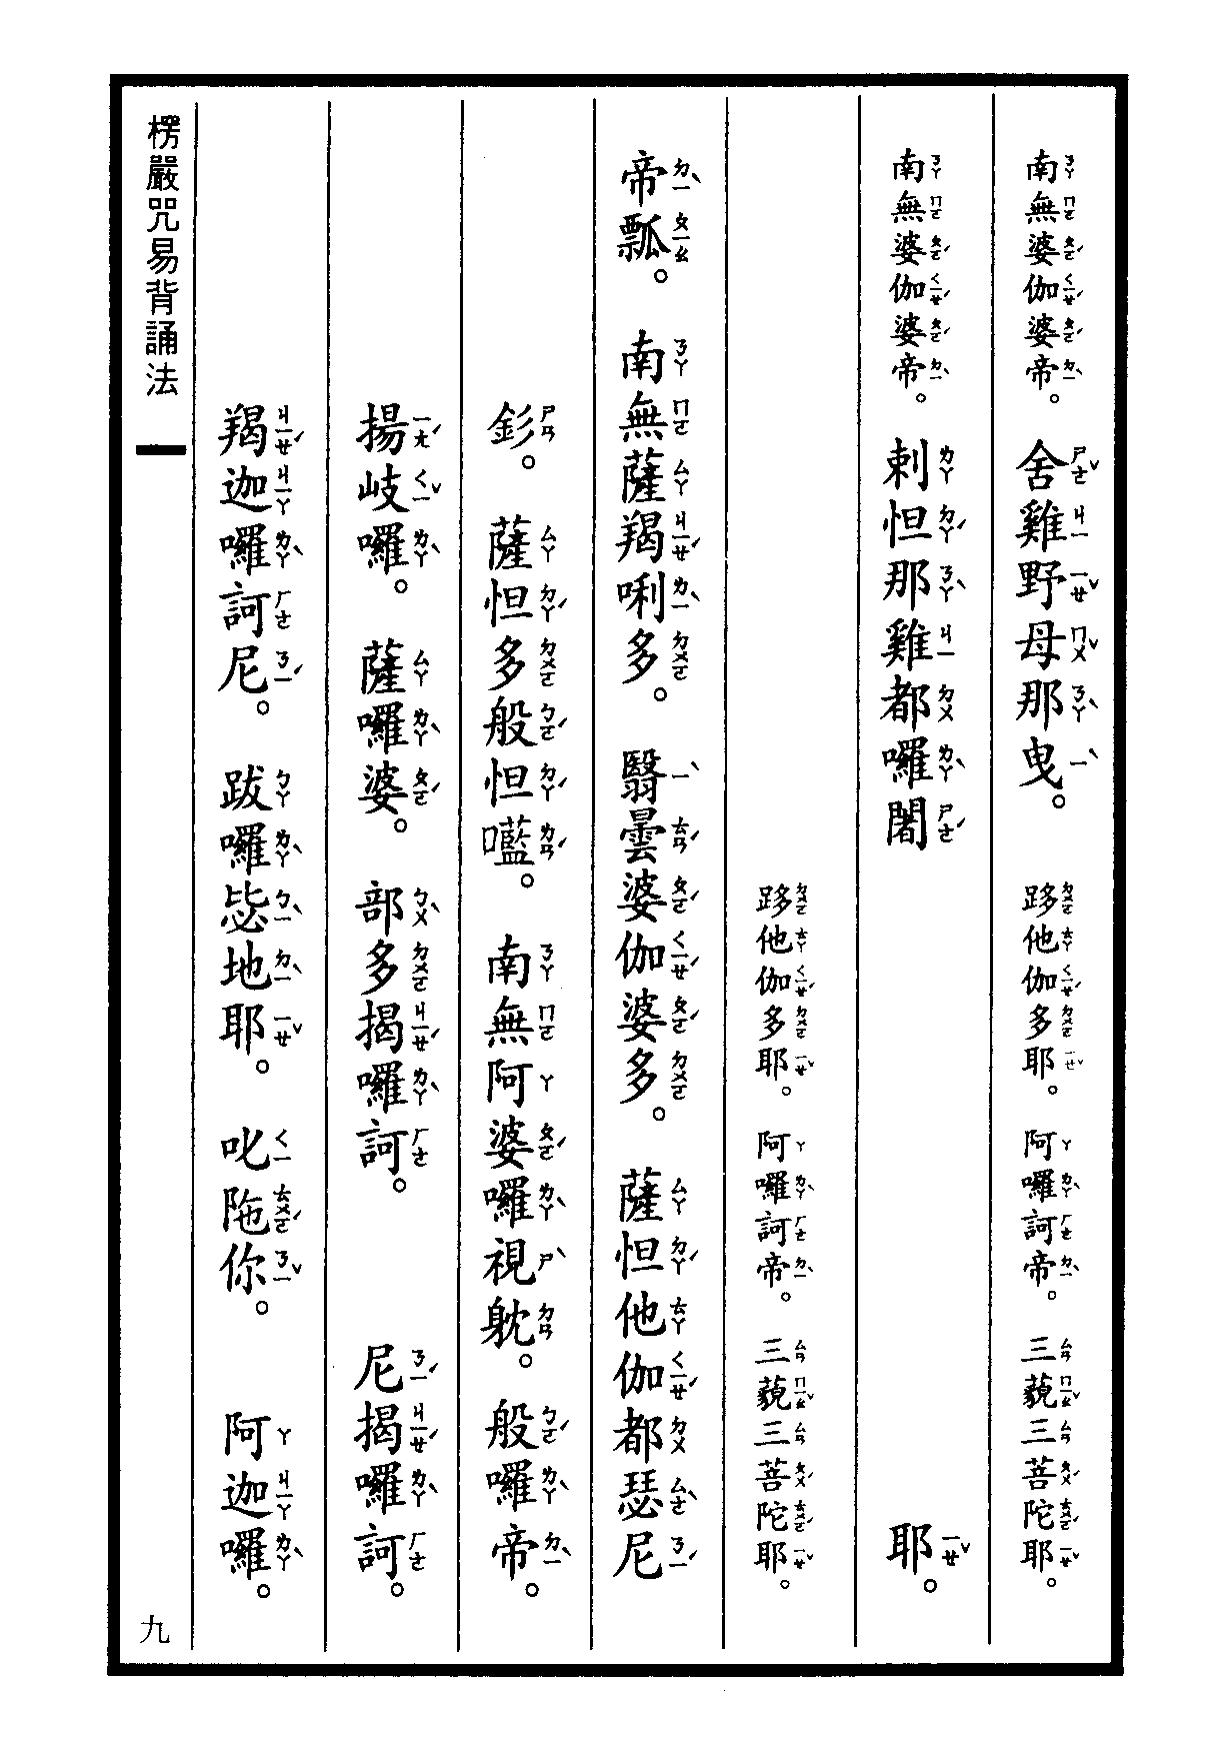 楞嚴咒-大悲咒-十小咒-易背本 15.png